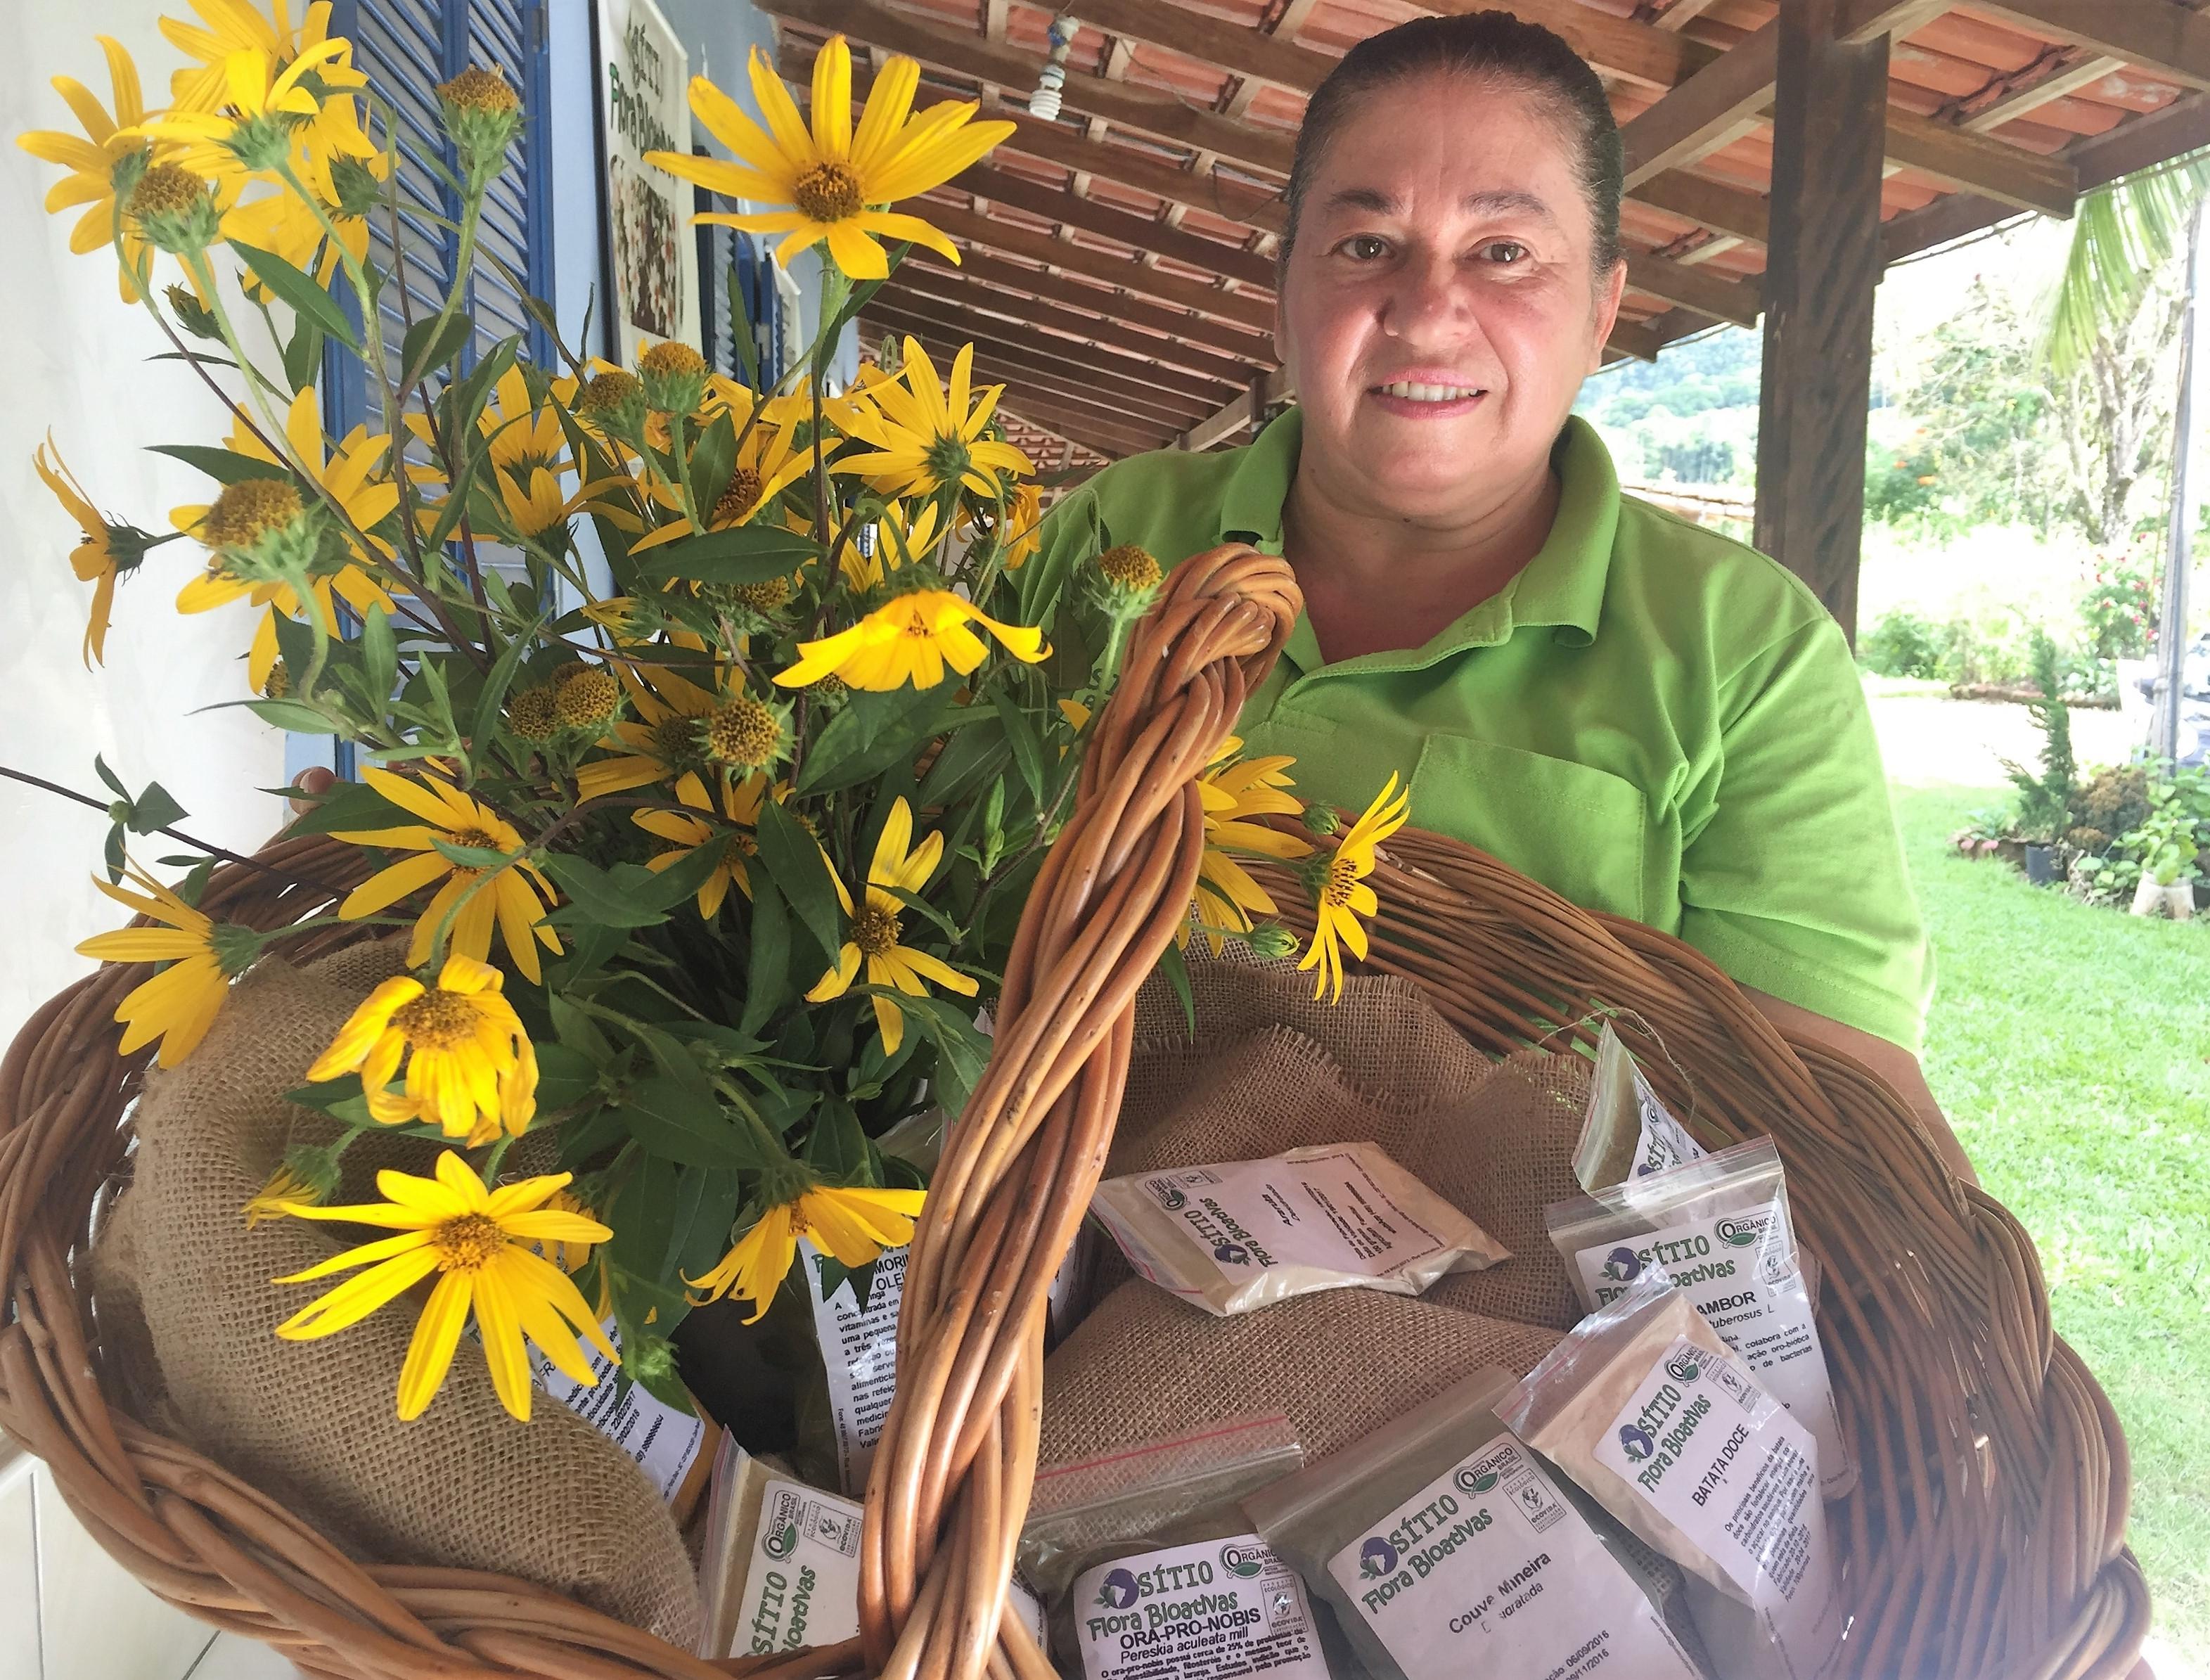 Noeli transforma as folhas da planta em farinha para pães e bolos - Brunela Maria/ND